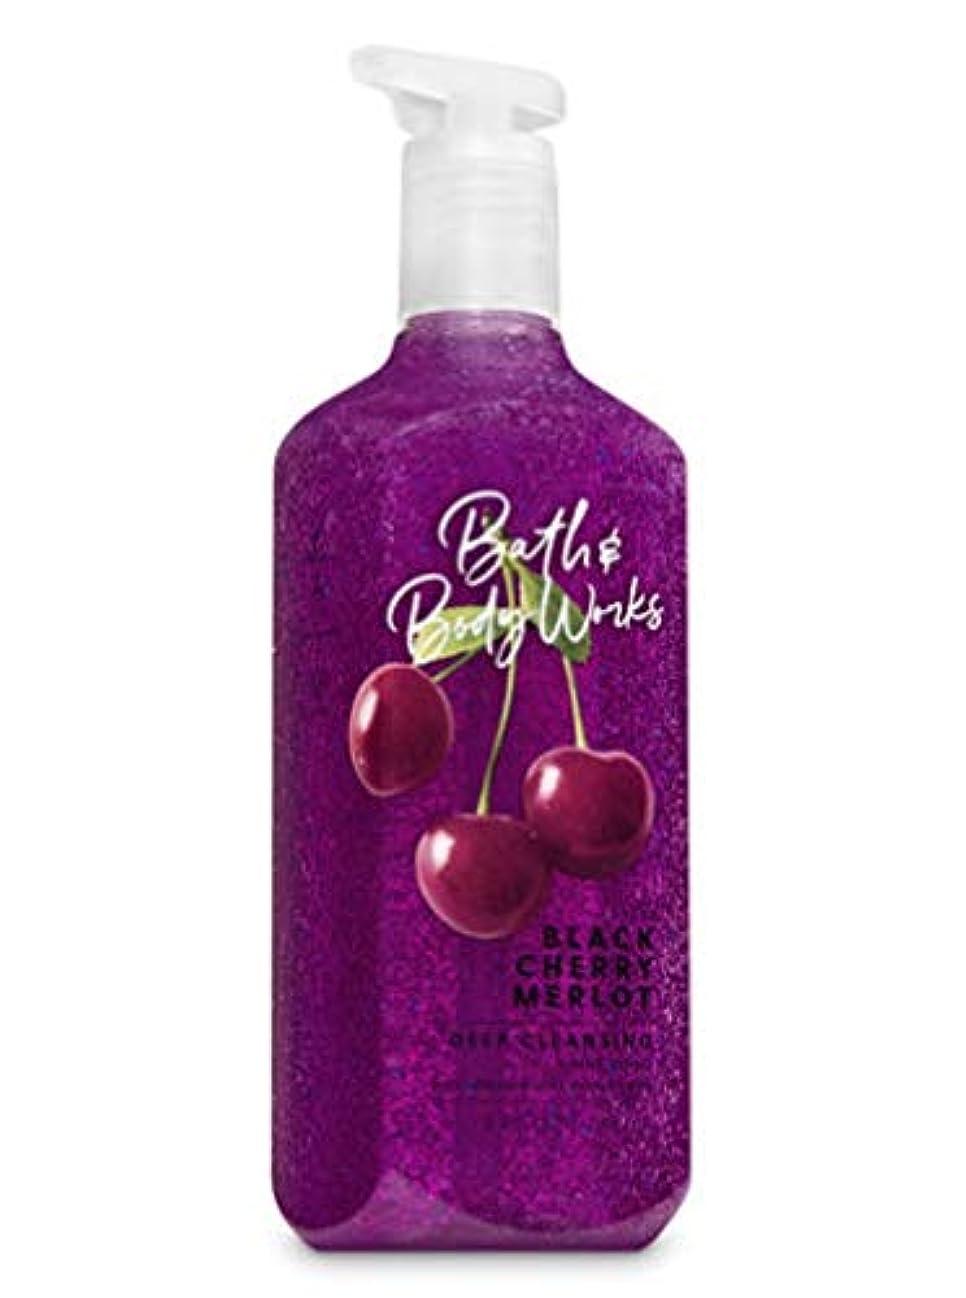 求める応答大胆バス&ボディワークス ブラックチェリー マーロット ディープクレンジングハンドソープ Black Cherry Merlot Deep Cleansing Hand Soap